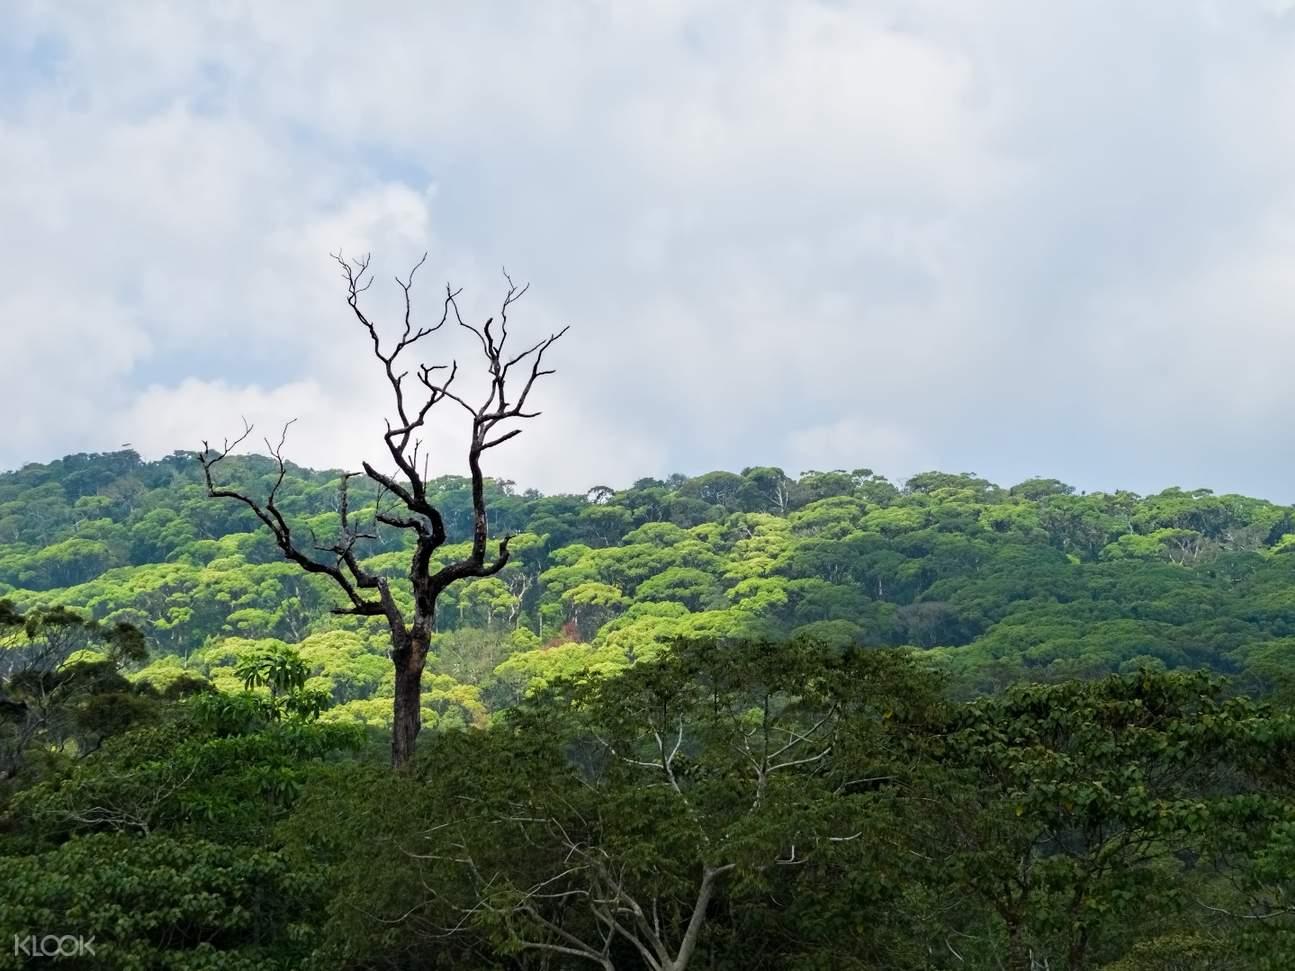 斯里兰卡 辛哈拉加热带雨林 Sinharaja